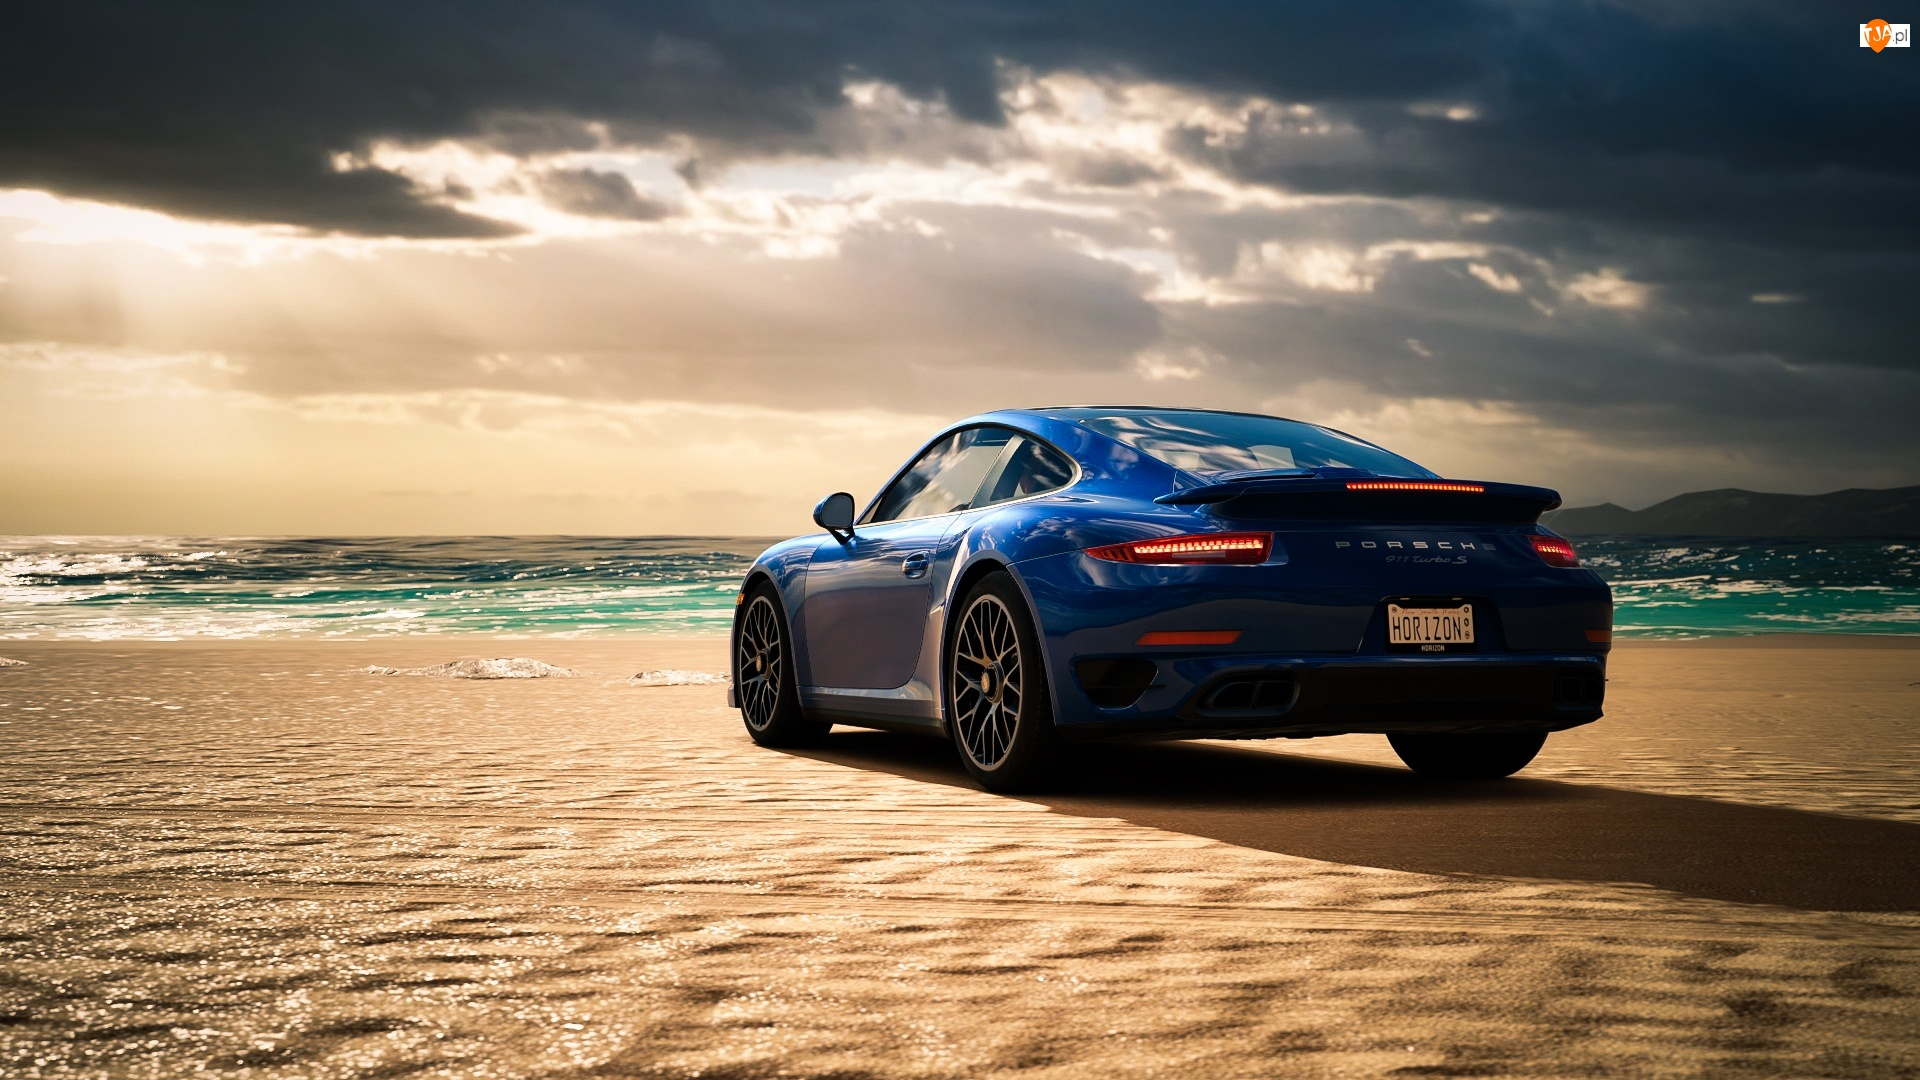 Tył, Niebieskie, Porsche 911 Turbo S